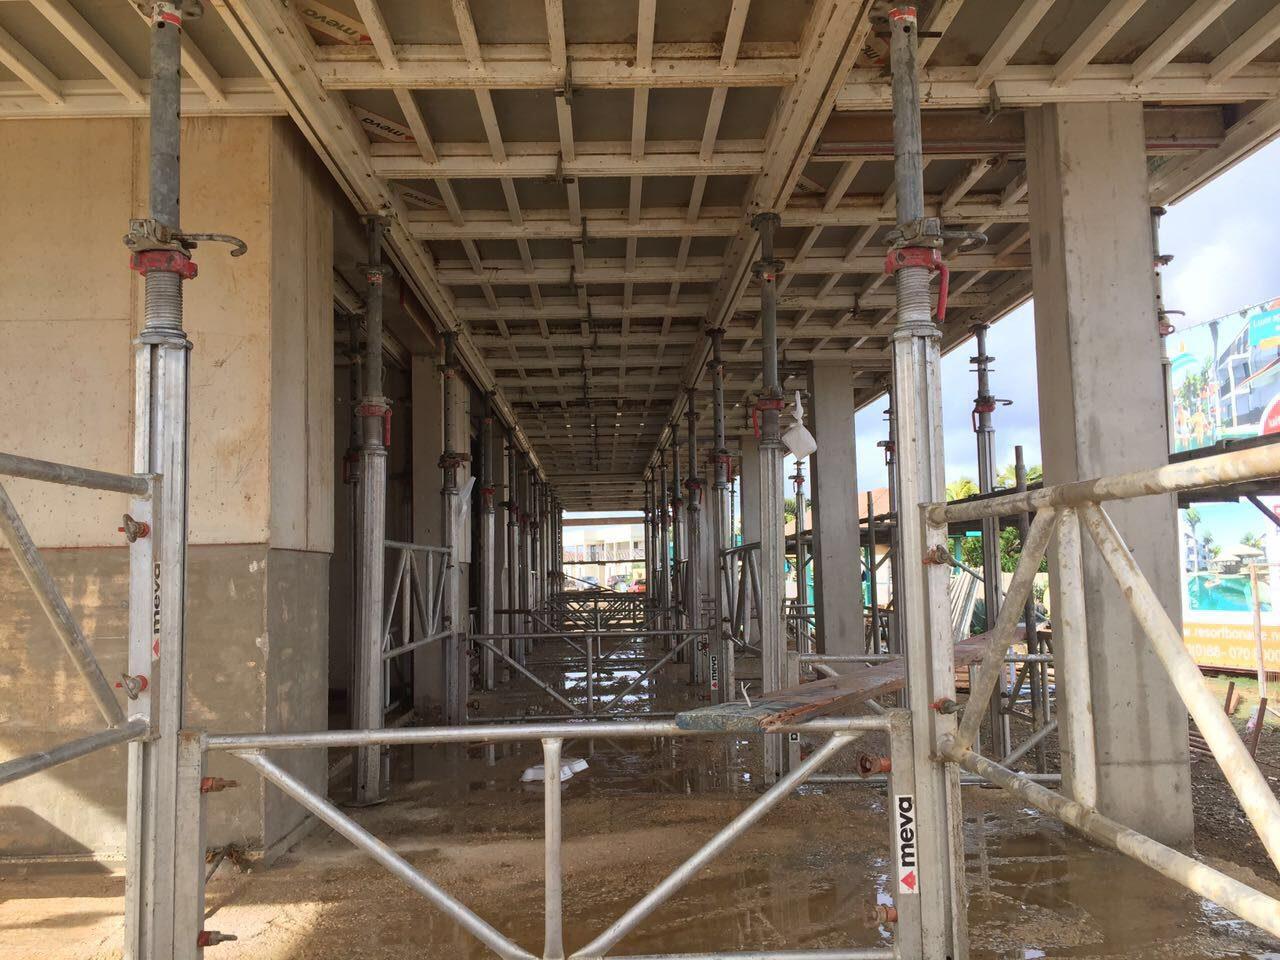 Op de bouwkavel te Bonaire is de bouwmaatschappij aan de slag geweest met het bouwen van de appartementen. Deze appartementen zijn nu klaar!